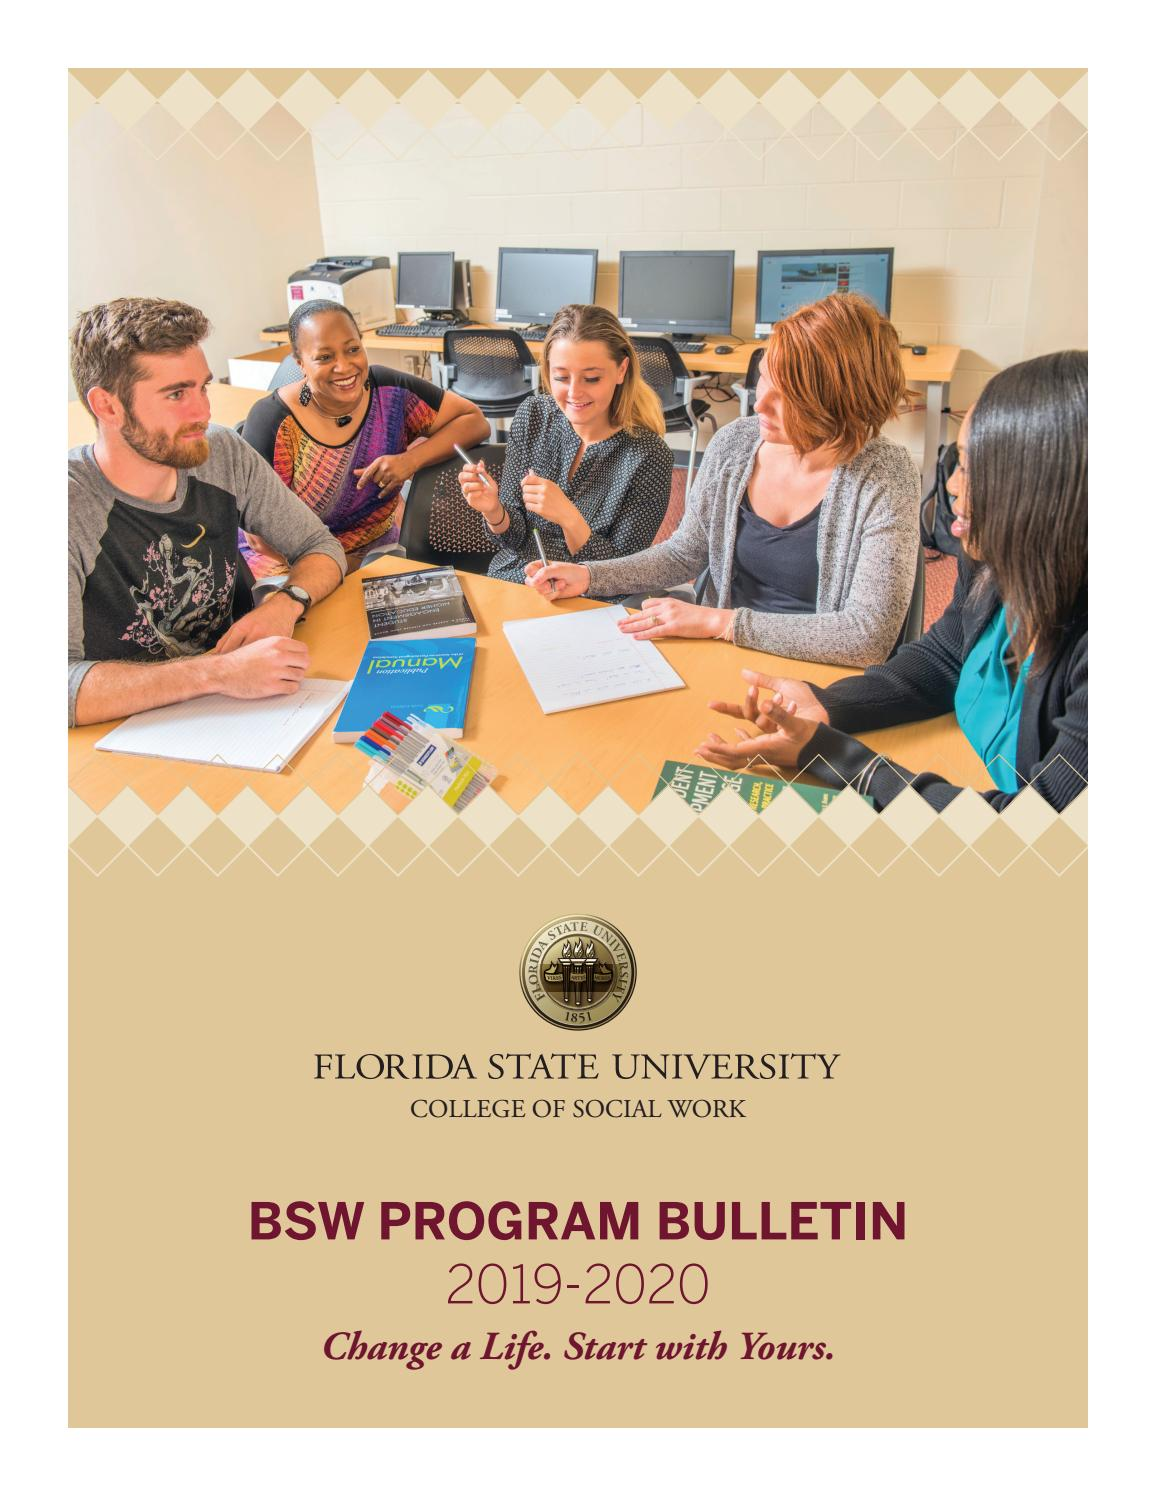 Fsu Spring Break 2020.Bsw Program Bulletin 2019 2020 By Fsucsw Issuu